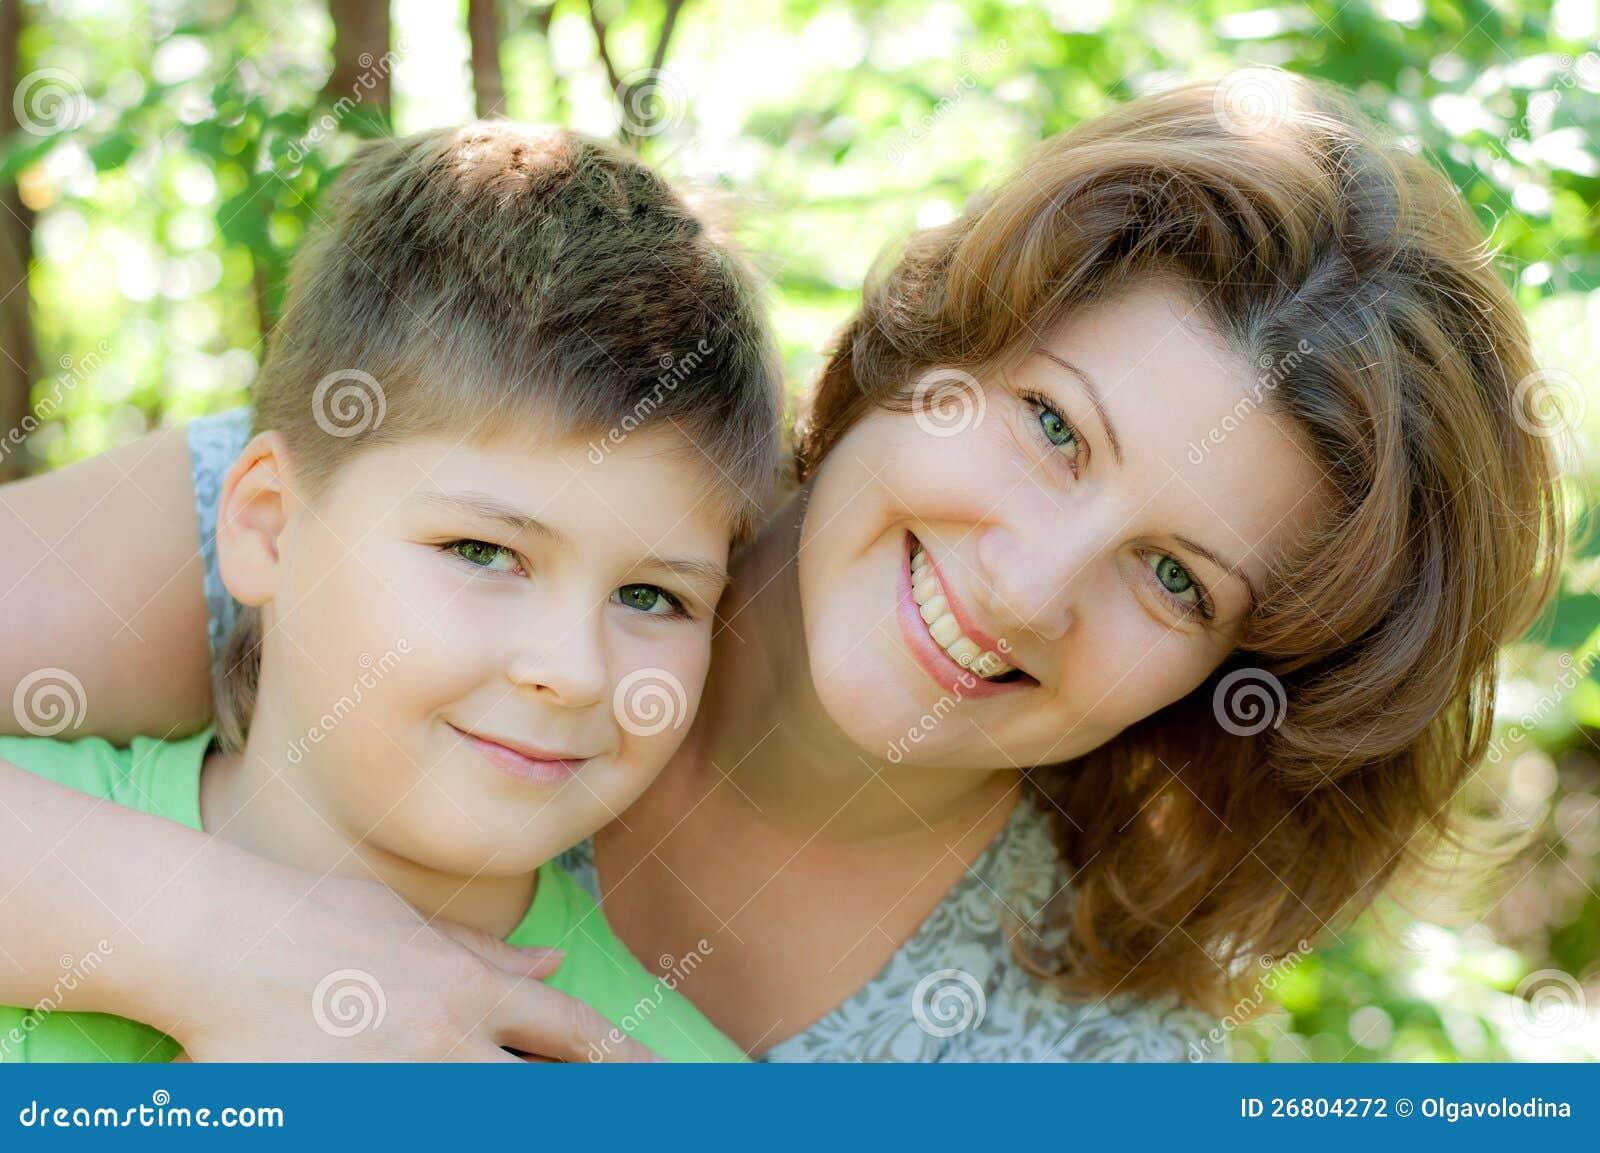 Сын ебеть свою маму на дачу, Мама сын на даче: смотреть русское порно видео онлайн 26 фотография